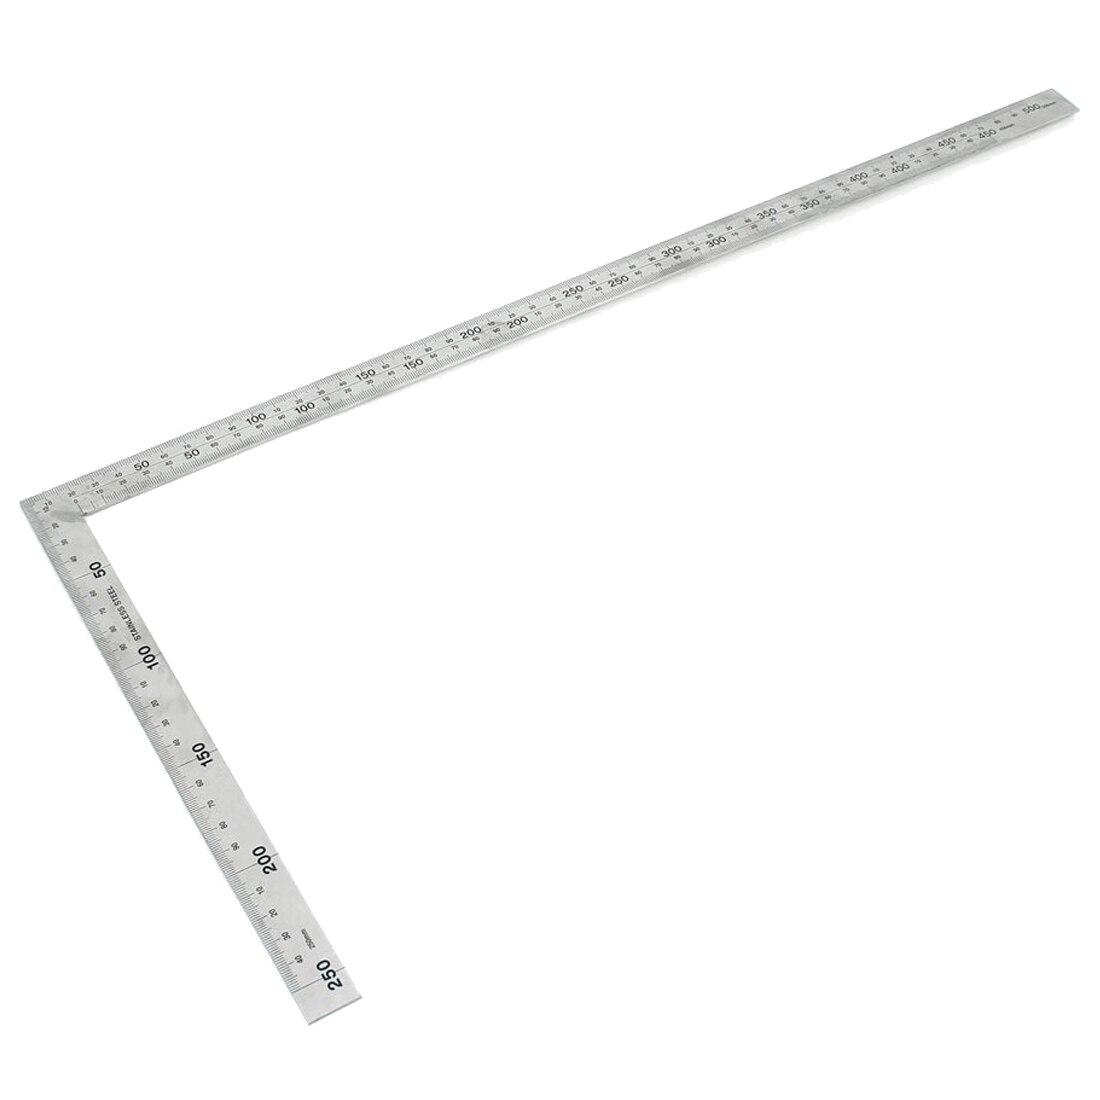 Edelstahl 25x50 Cm 90 Grad Winkel Versuchen Quadrat Herrscher Messen Werkzeug GroßE Sorten Messung Und Analyse Instrumente